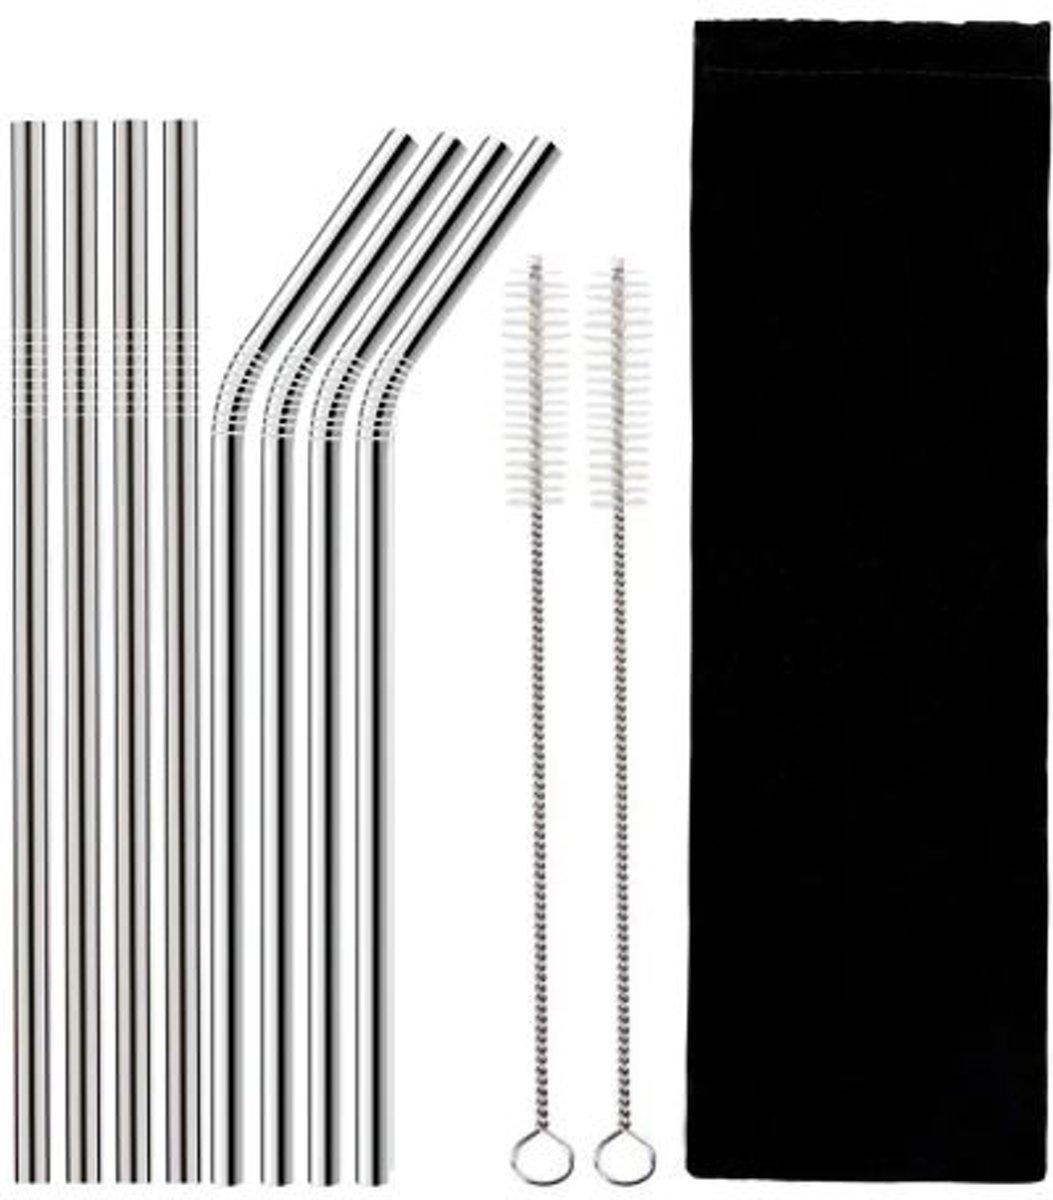 Krumble Rietjes set van 8 / RVS / 4x rechte rietjes 4x gebogen rietjes / Duurzaam en afwasbaar - Staal